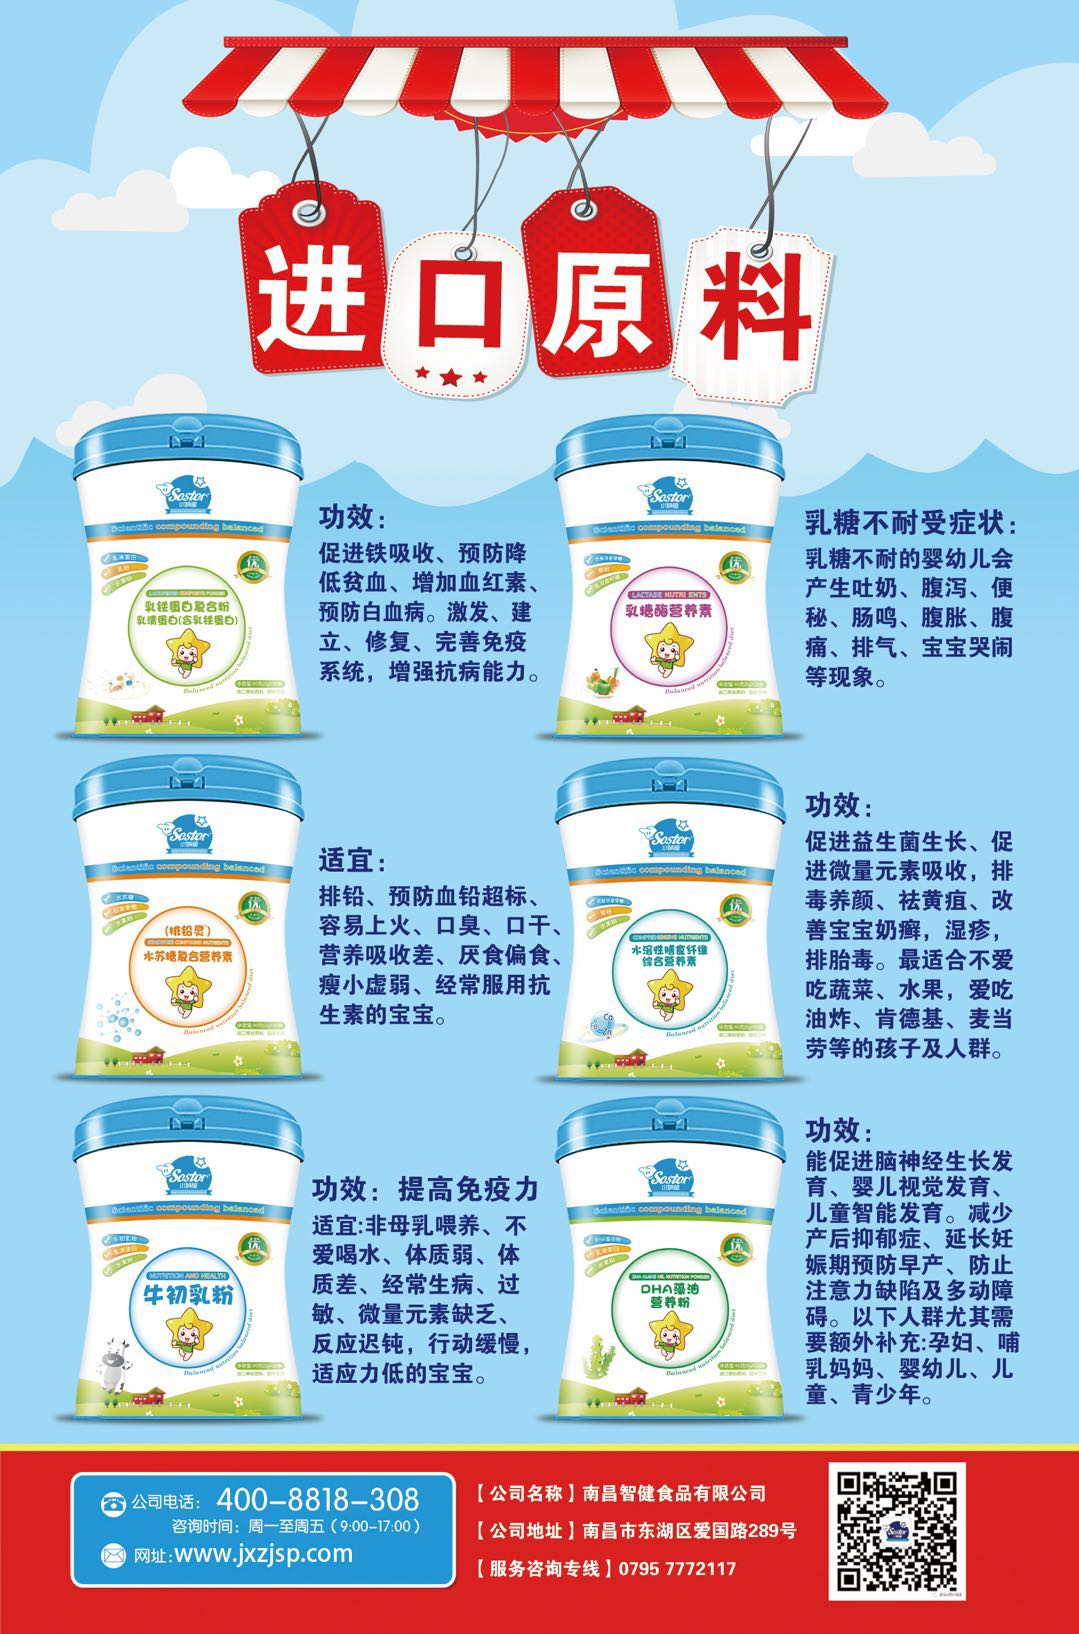 南昌智健食品有限公司